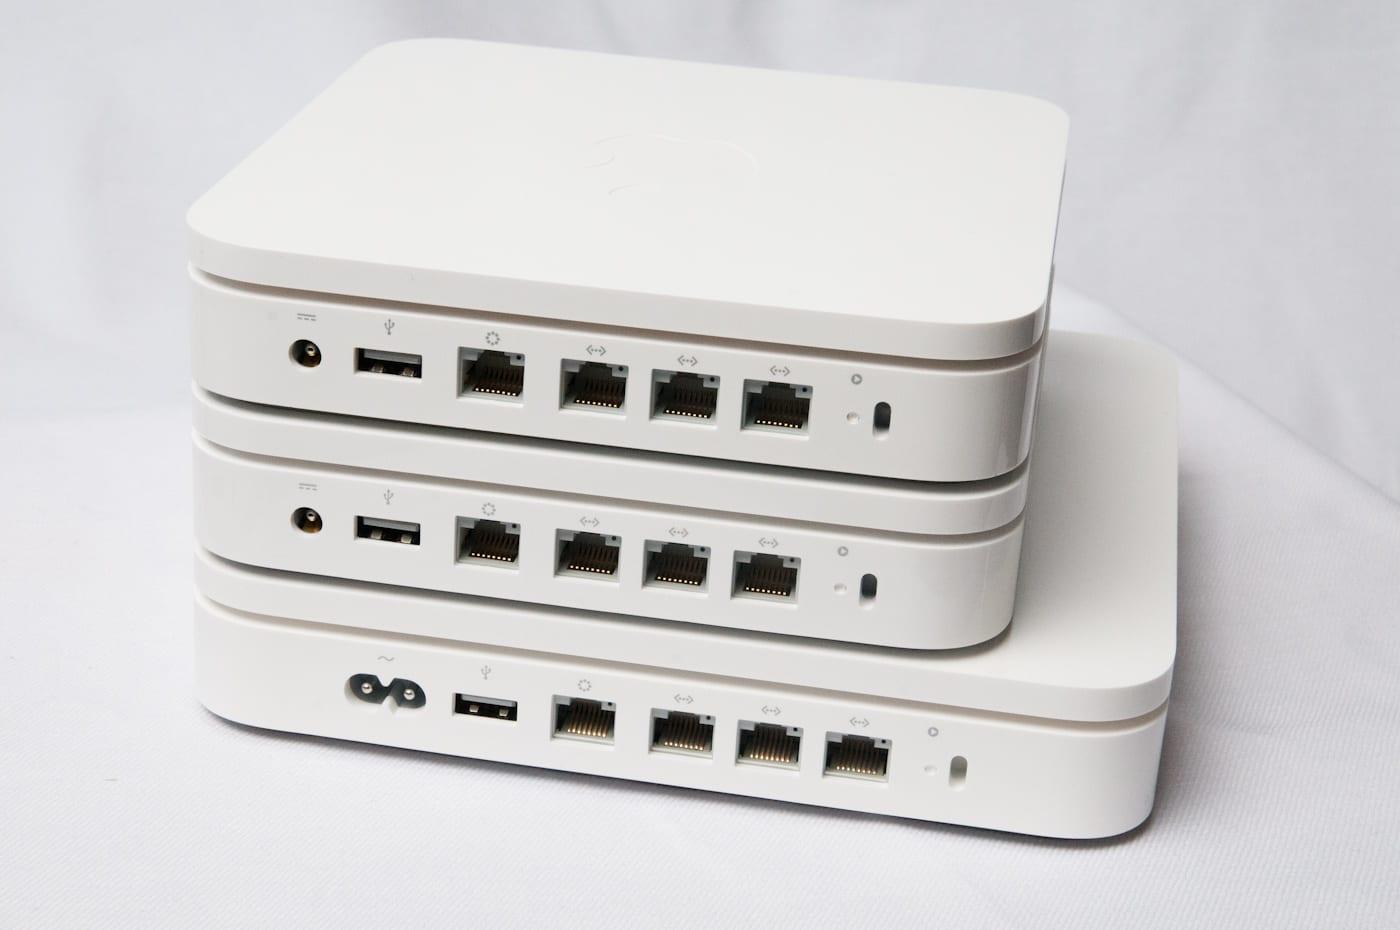 TCAE 3920 - Apple pridal do zoznamu zastaraných produktov tri ďalšie zariadenia